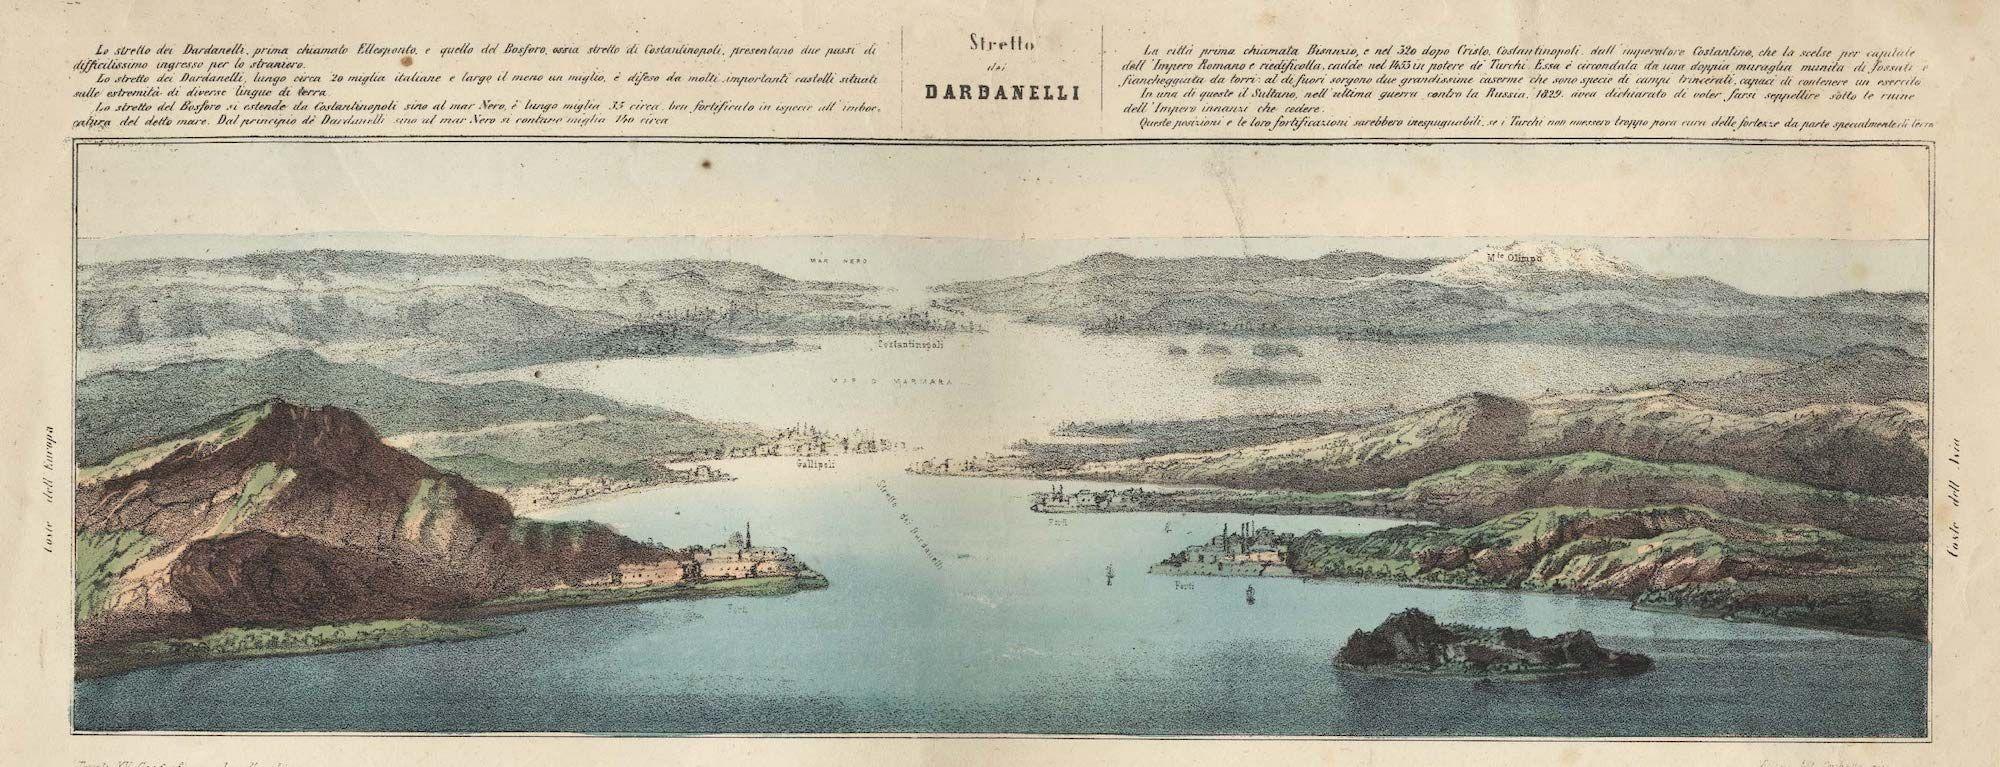 Fonte figura 3: G.F. Camocio, Dardanelo. Fortezza dala parte dela Gretia posta nella bocha dello stretto di Costatinop. del Signor Turcho, Venezia 1572 ca.